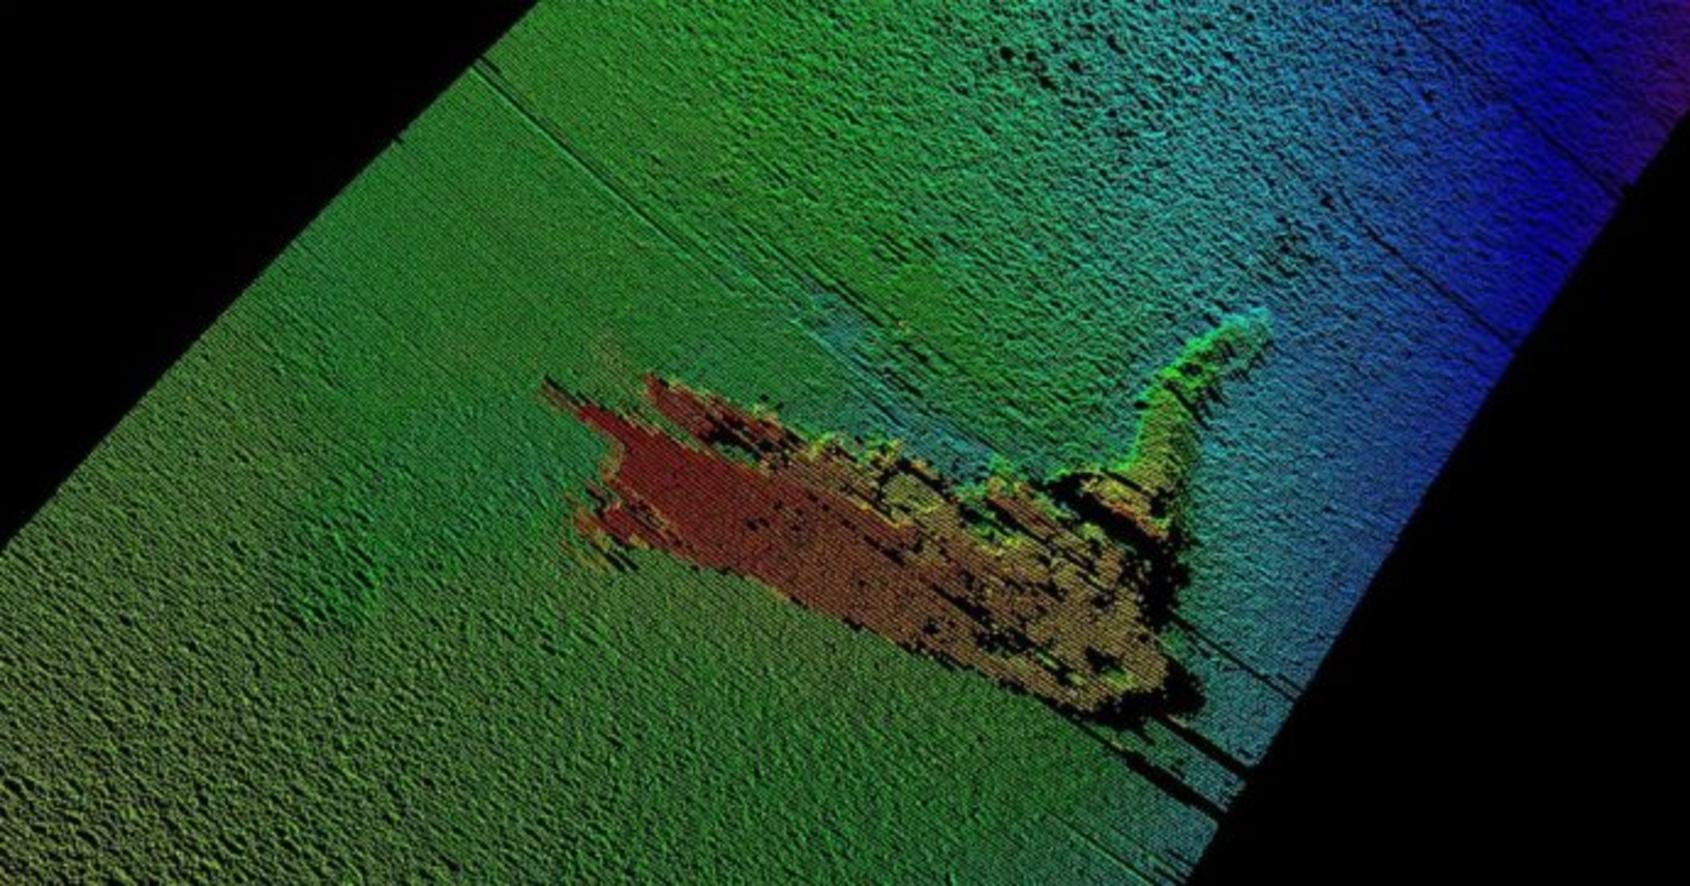 Loch Ness mostro di loch ness avvistamenti scozia fake news